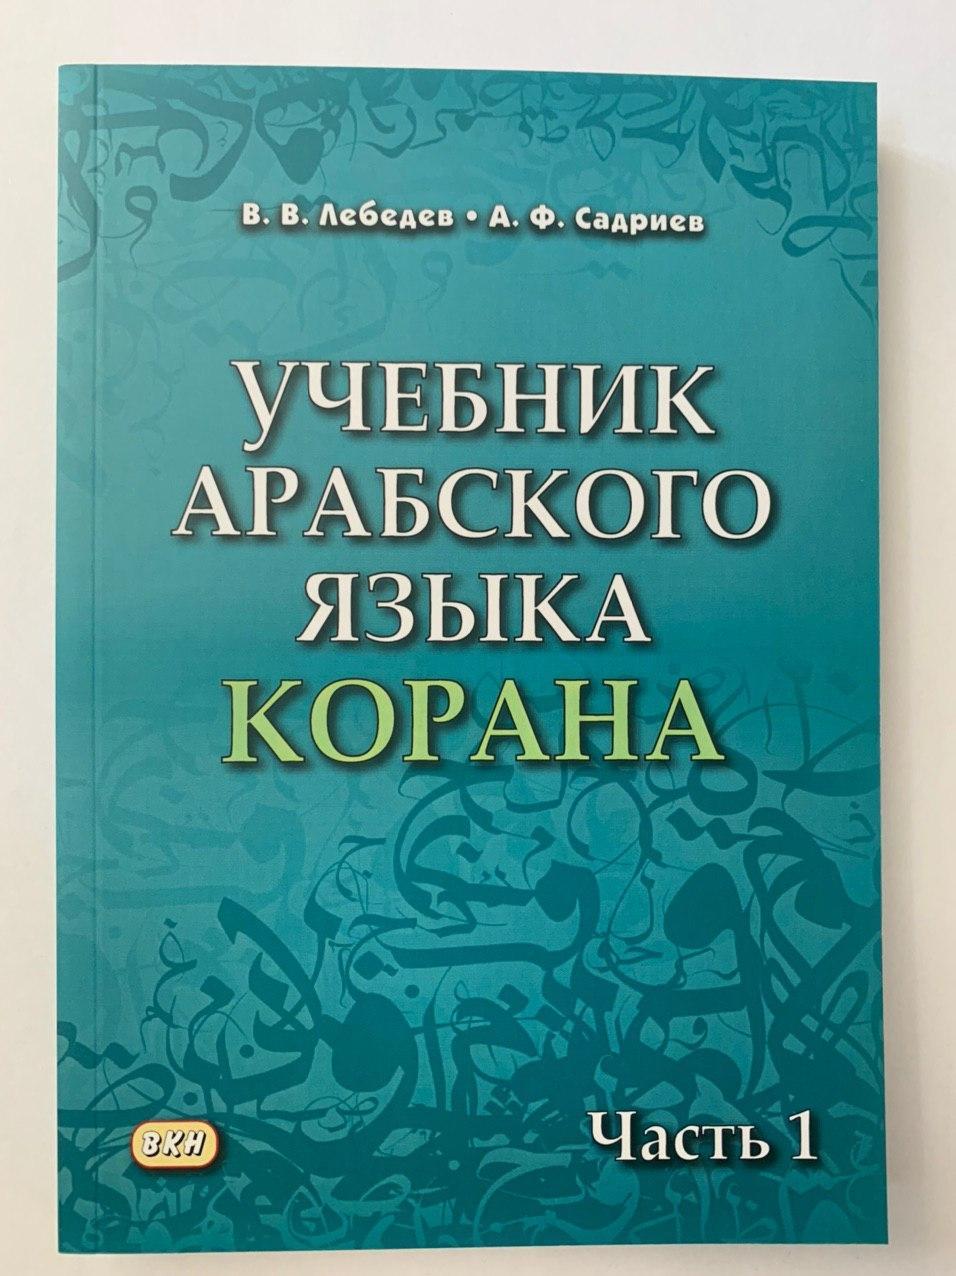 Купить учебник арабского языка